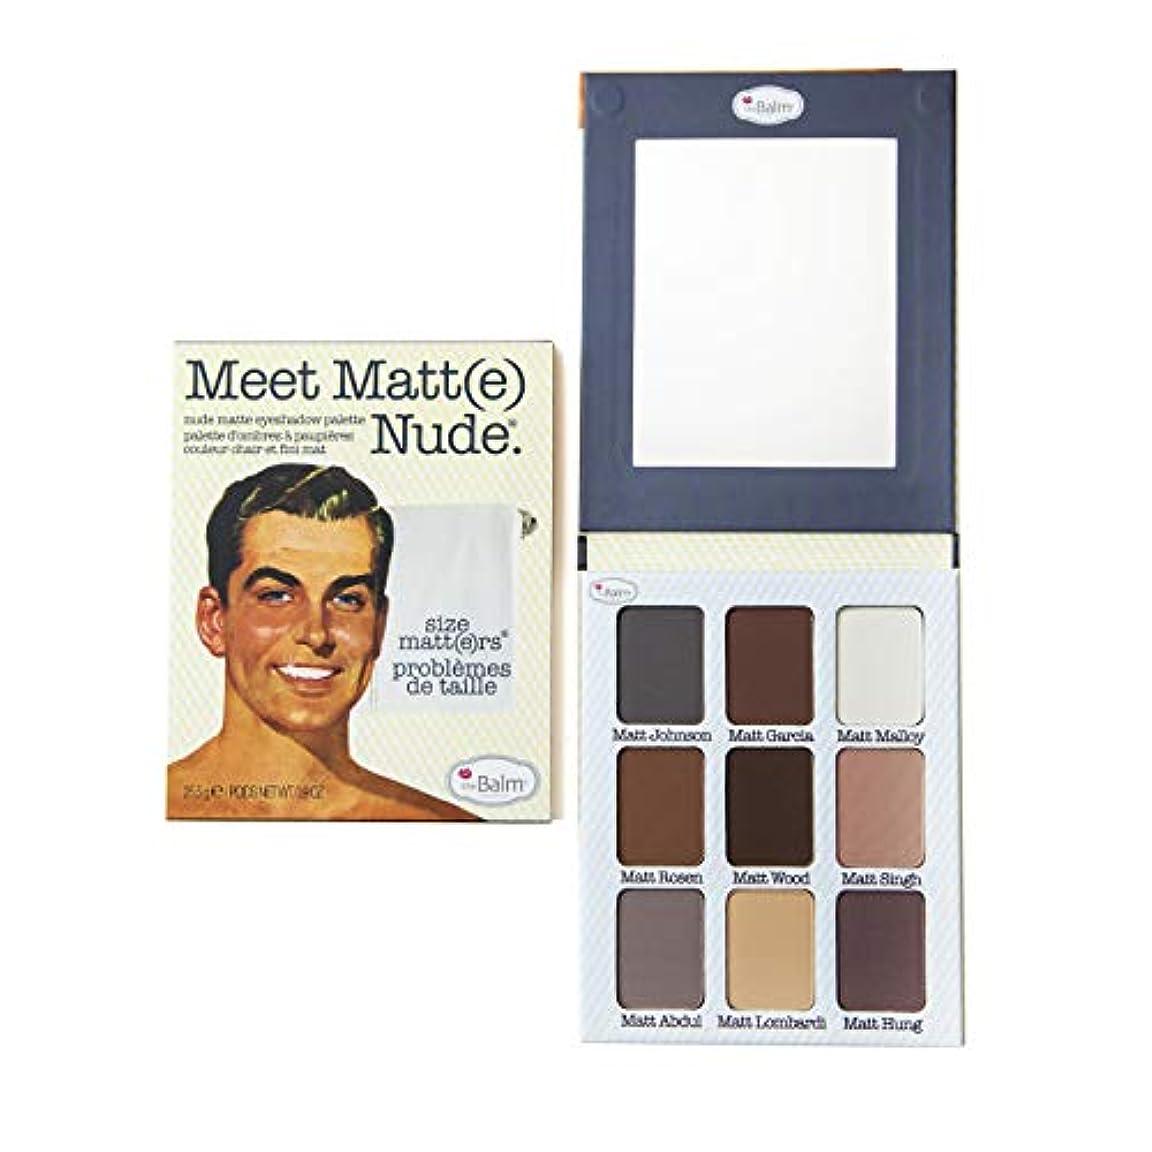 一般的に引き付けるメンバーThe Balm(ザバーム) Meet Matte Nude - Matte Eyeshadow Palette 25.5g/0.9oz